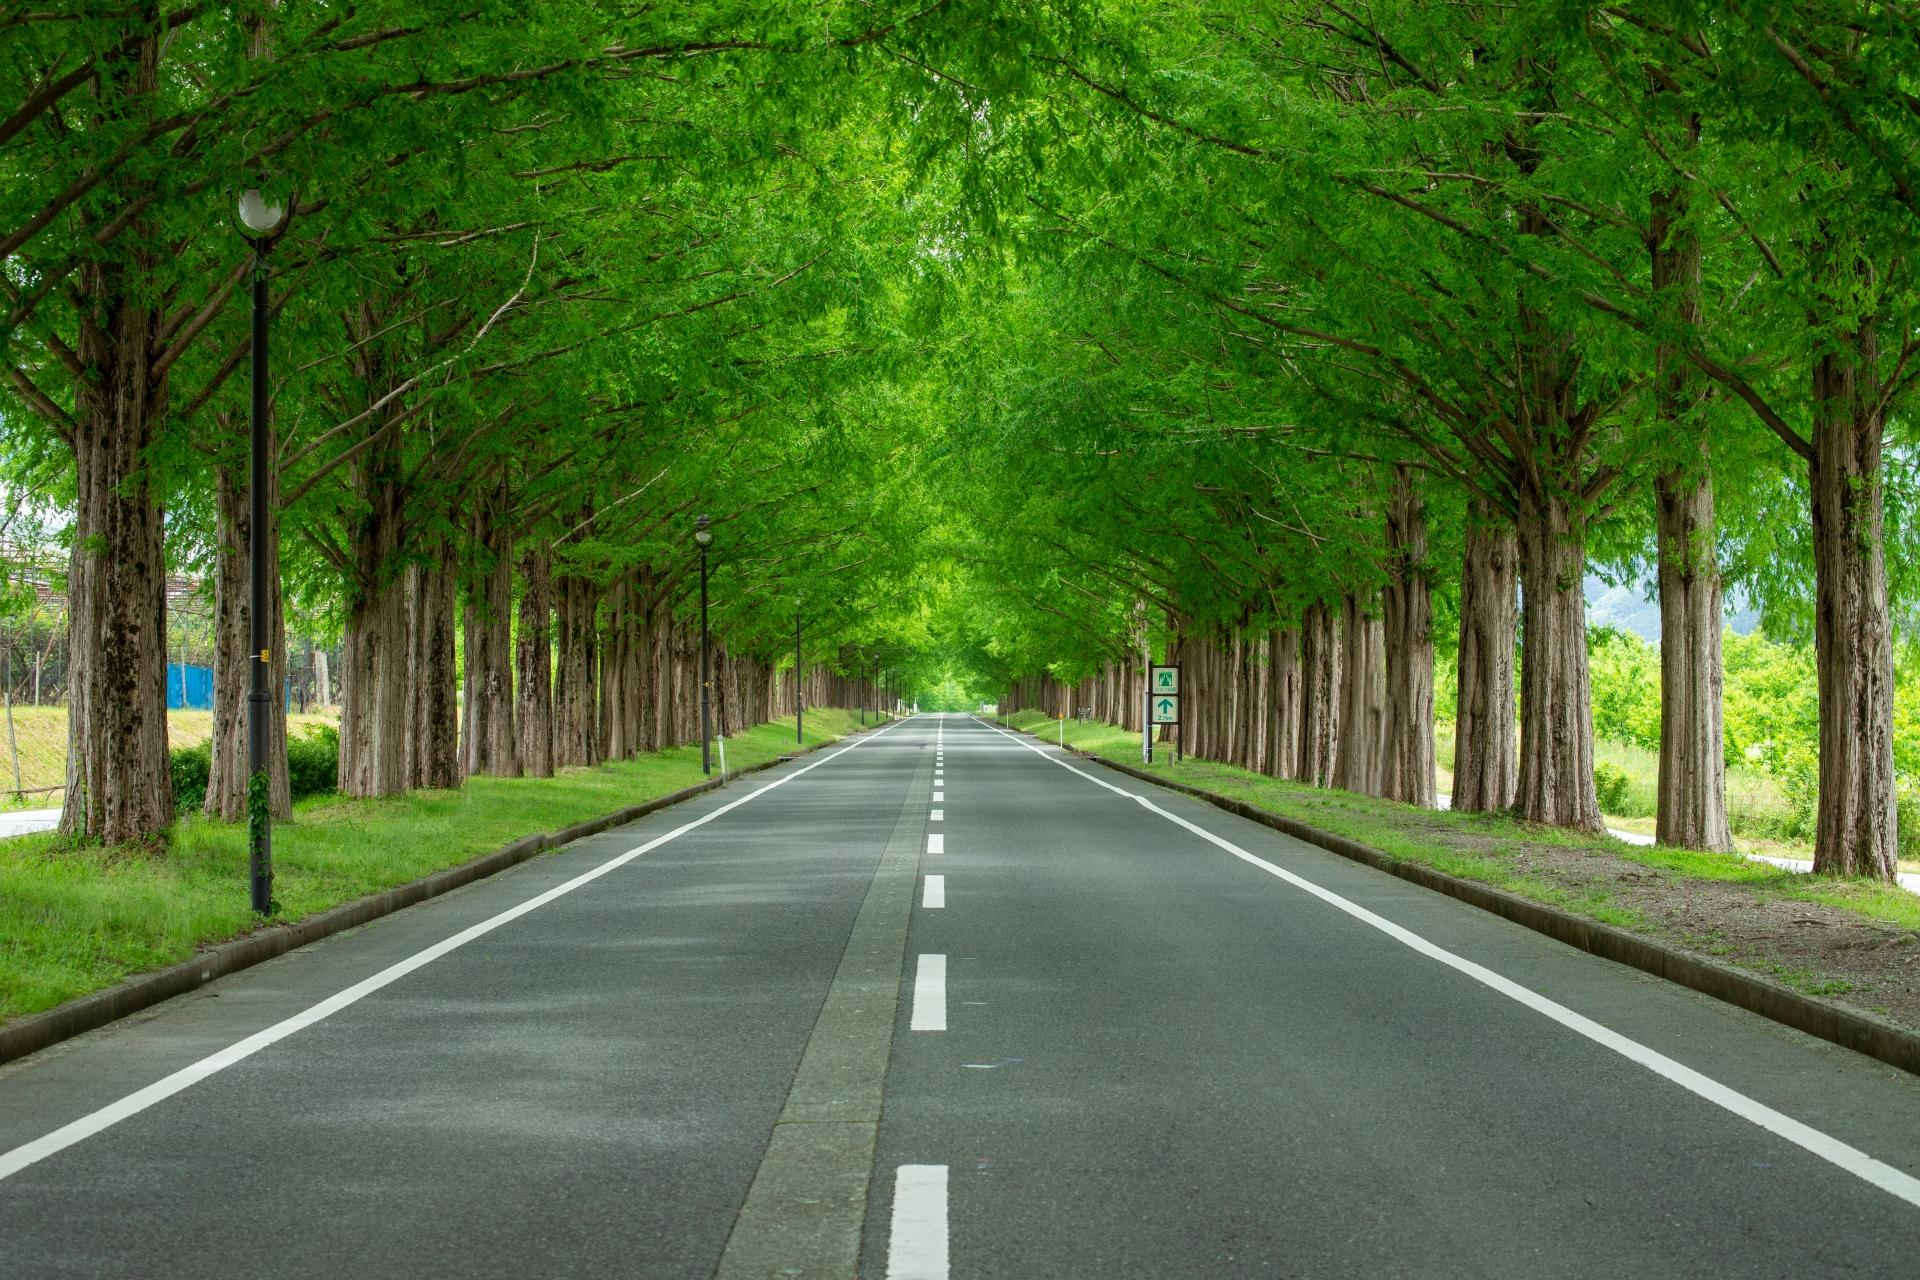 3538679_m 滋賀県  メタセコイア並木(約2.4km続く絶景のメタセコイア並木! 新緑の季節におすすめのスポット。 写真の紹介、アクセス情報や駐車場情報など)